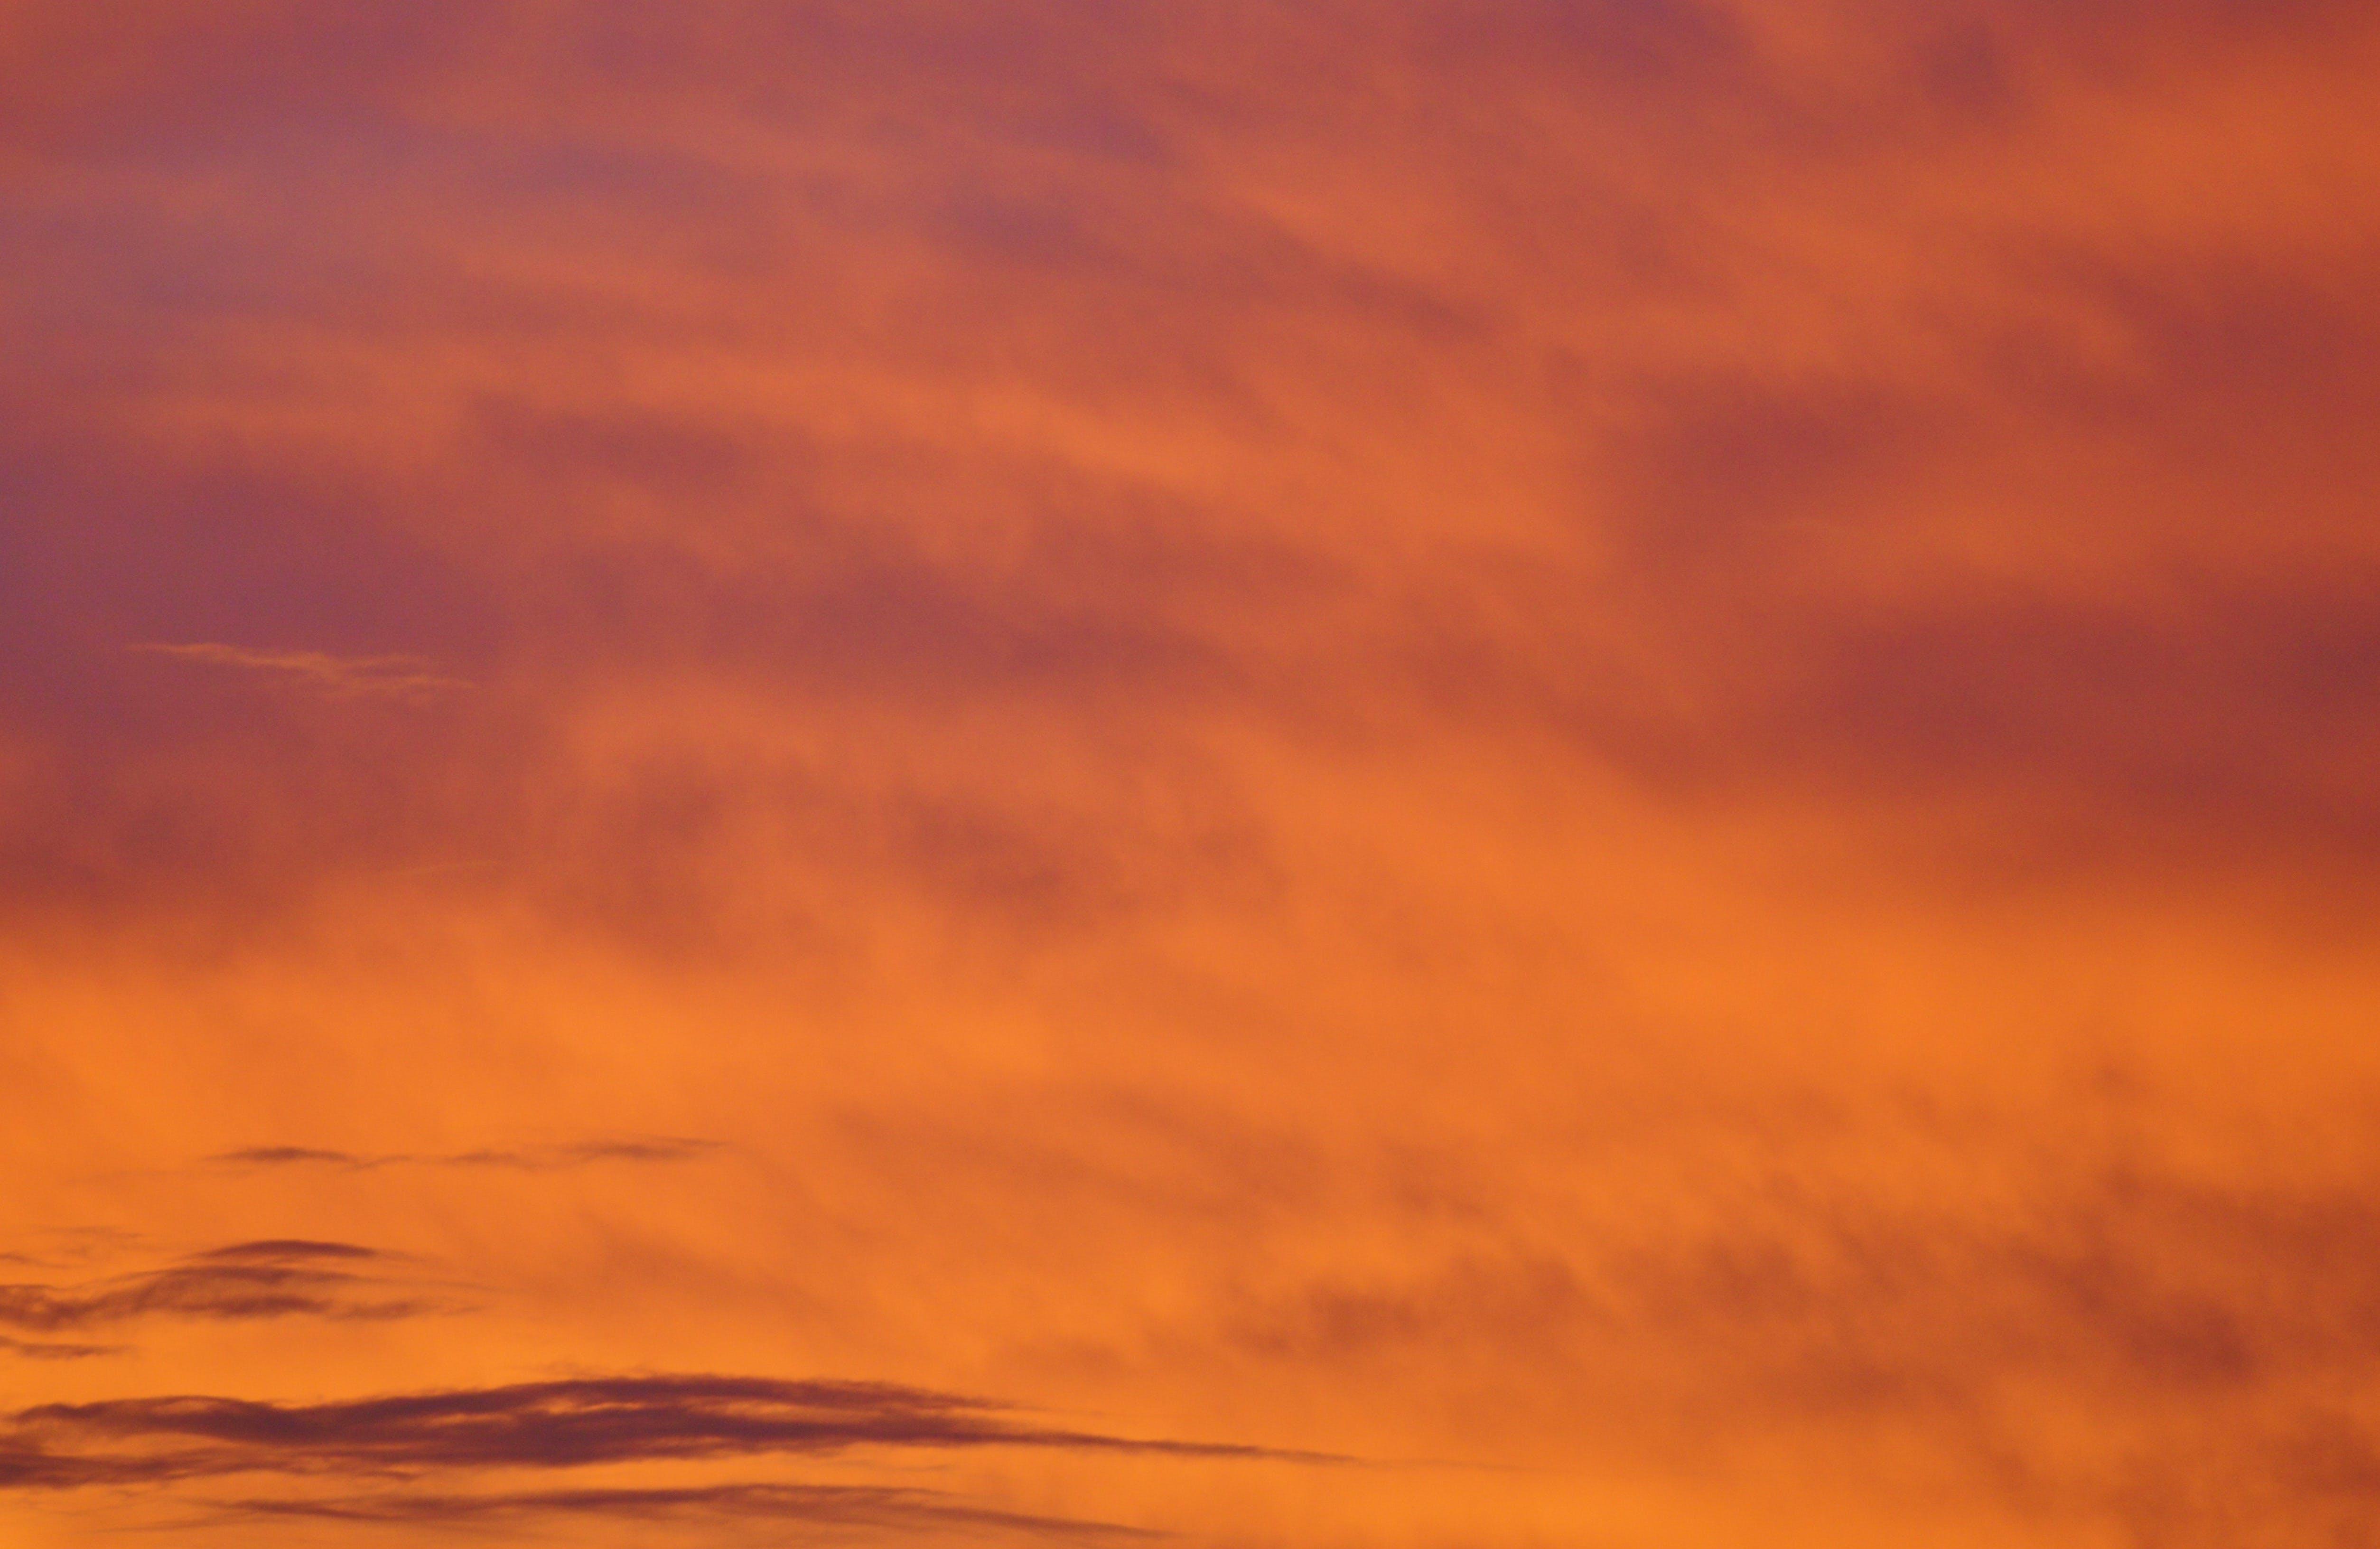 Gratis arkivbilde med appelsin, bakbelysning, bakgrunn, daggry